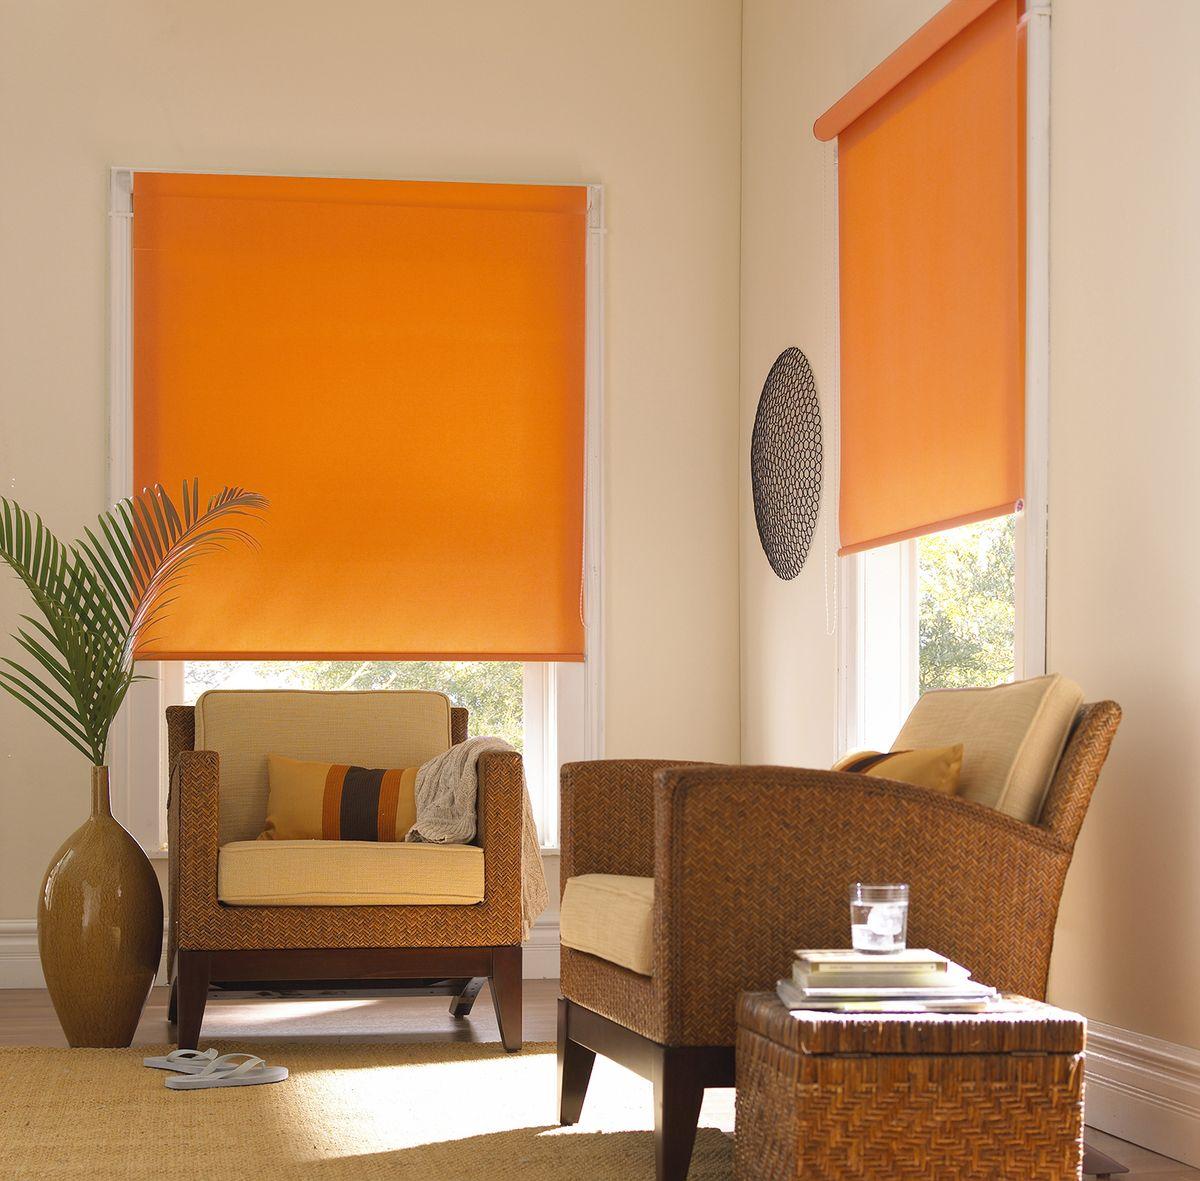 Штора рулонная Эскар Миниролло. Однотонные, цвет: апельсин, ширина 115 см, высота 170 см62.РШТО.8992.080х175Рулонная штора Эскар Миниролло выполнена из высокопрочной ткани,которая сохраняет свой размер даже при намокании. Ткань не выцветает иобладает отличной цветоустойчивостью.Миниролло - это подвид рулонных штор, который закрывает не весь оконныйпроем, а непосредственно само стекло. Такие шторы крепятся на раму безсверления при помощи зажимов или клейкой двухсторонней ленты (в комплекте).Окно остаетсяна гарантии, благодаря монтажу без сверления.Такая штора станет прекрасным элементом декора окна и гармонично впишется винтерьер любого помещения.